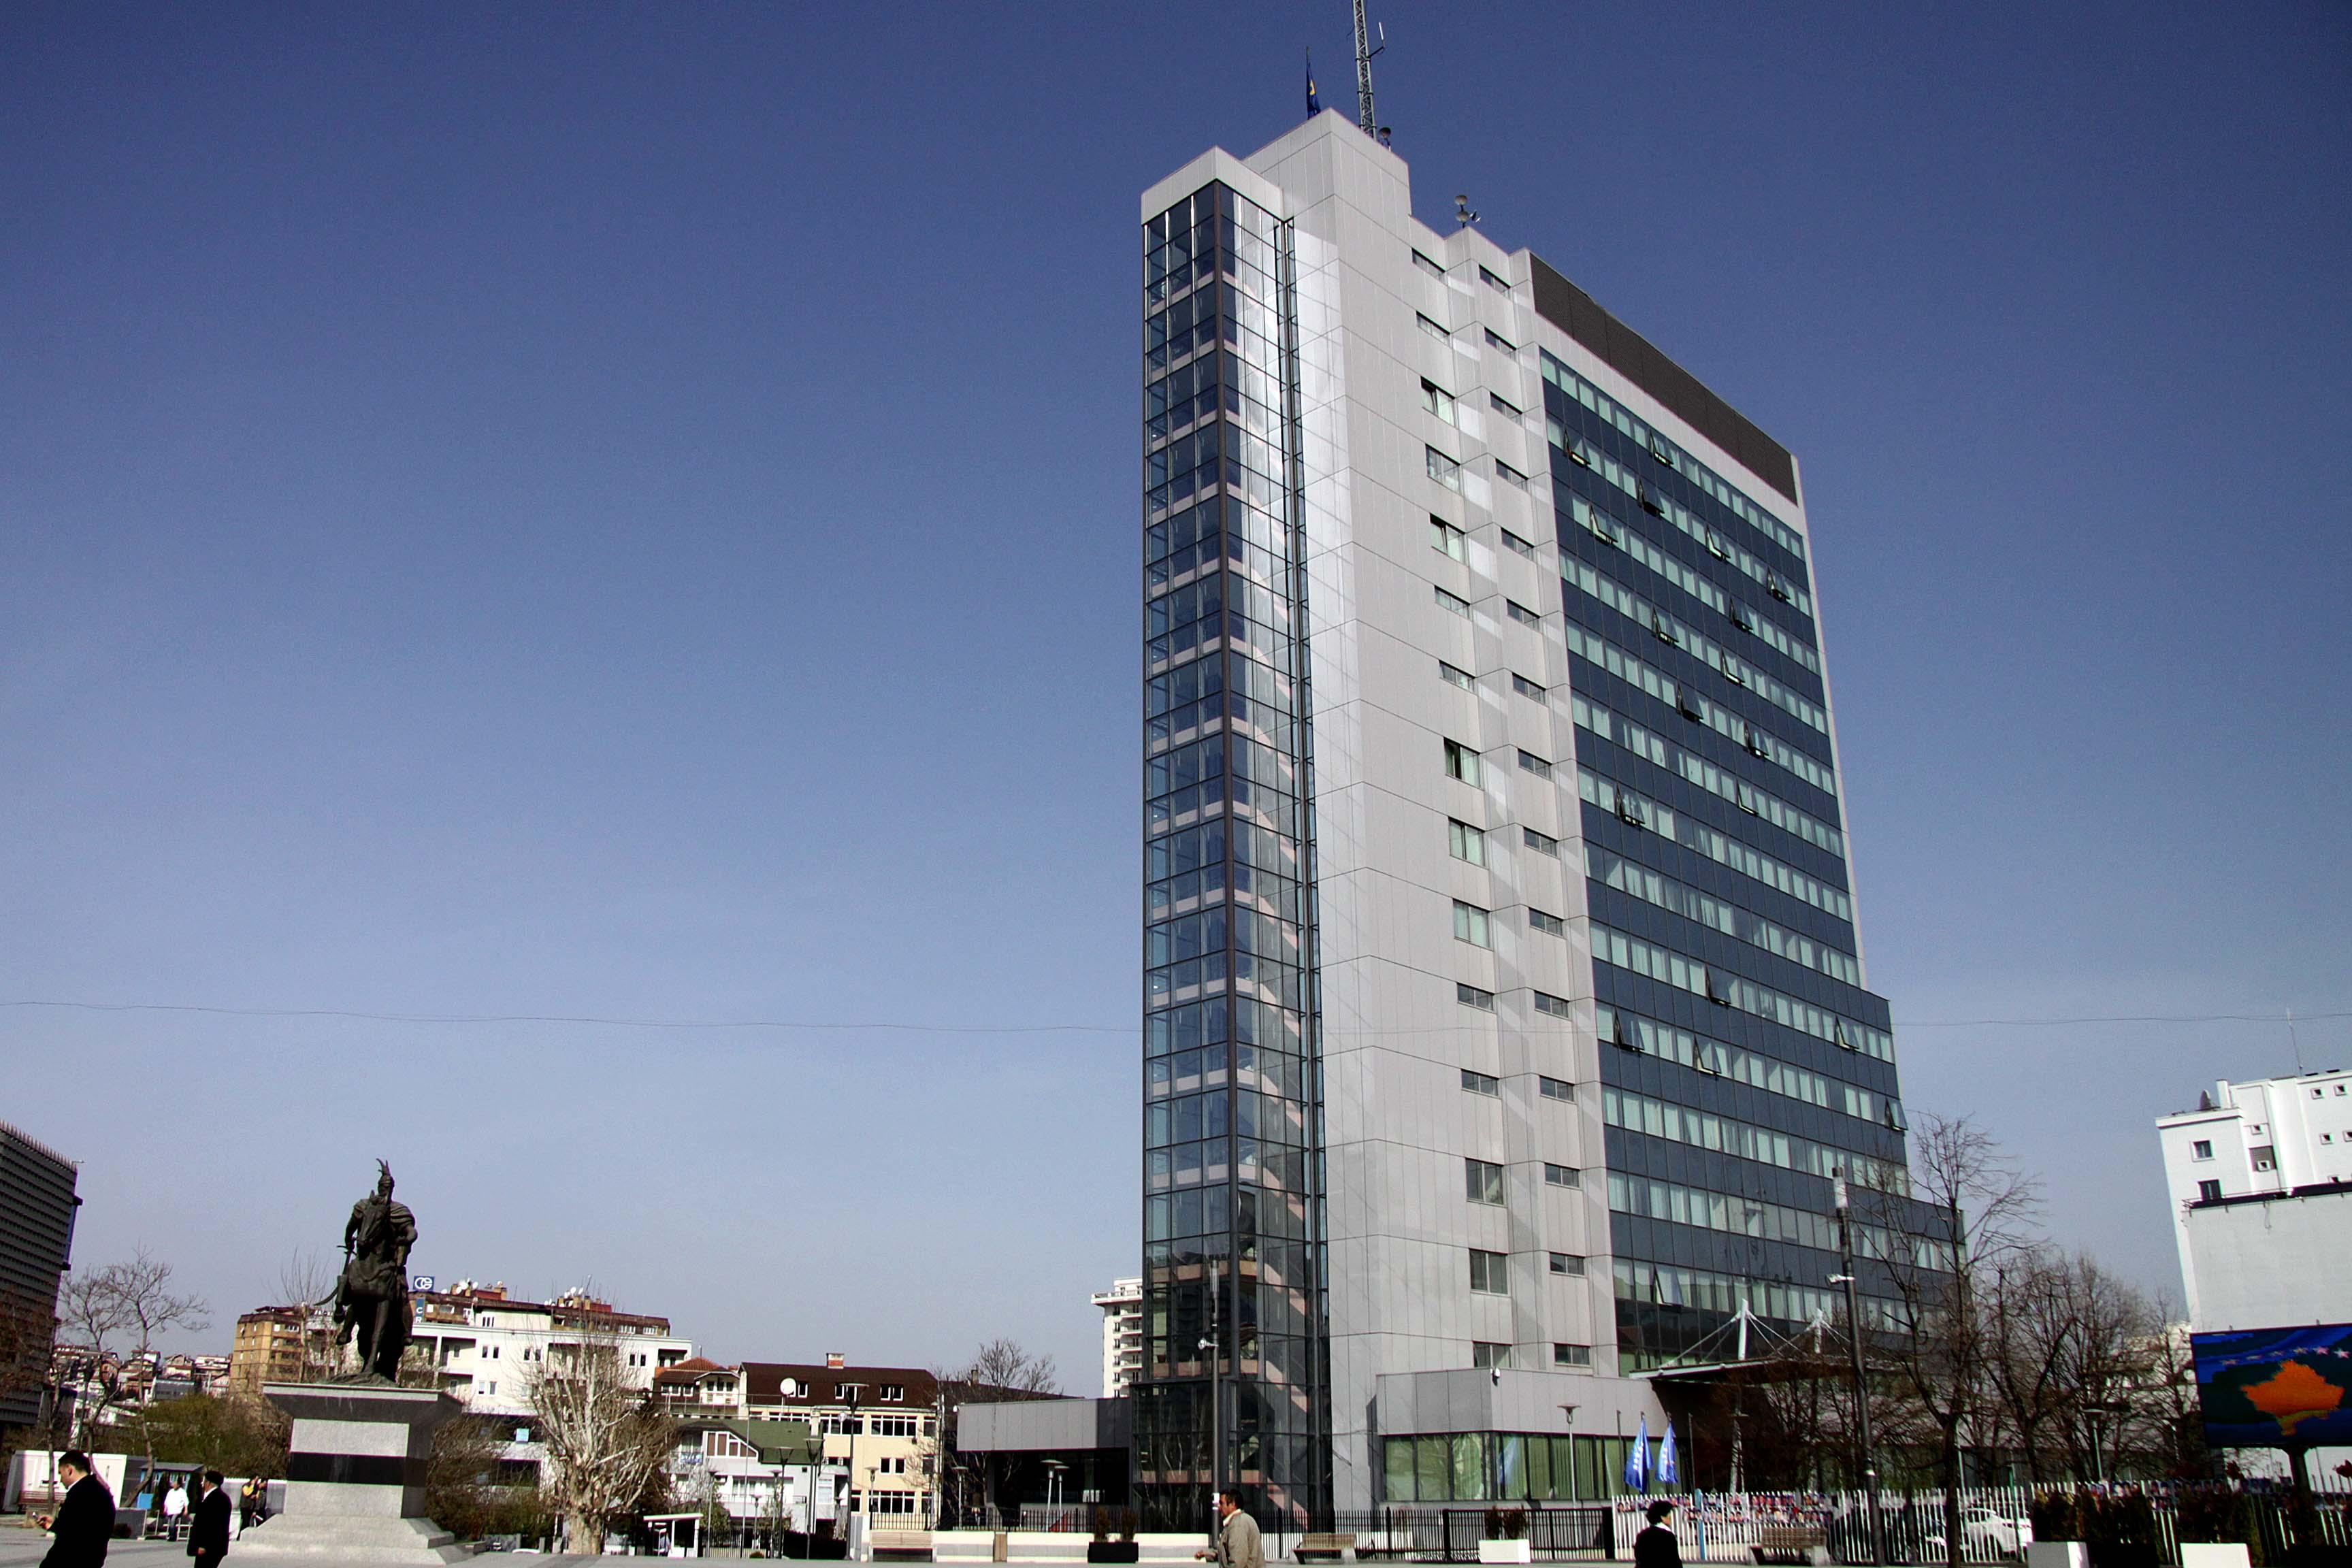 Qeveria e Kosovës miraton masat e reja për parandalimin e përhapjes së koronavirusit